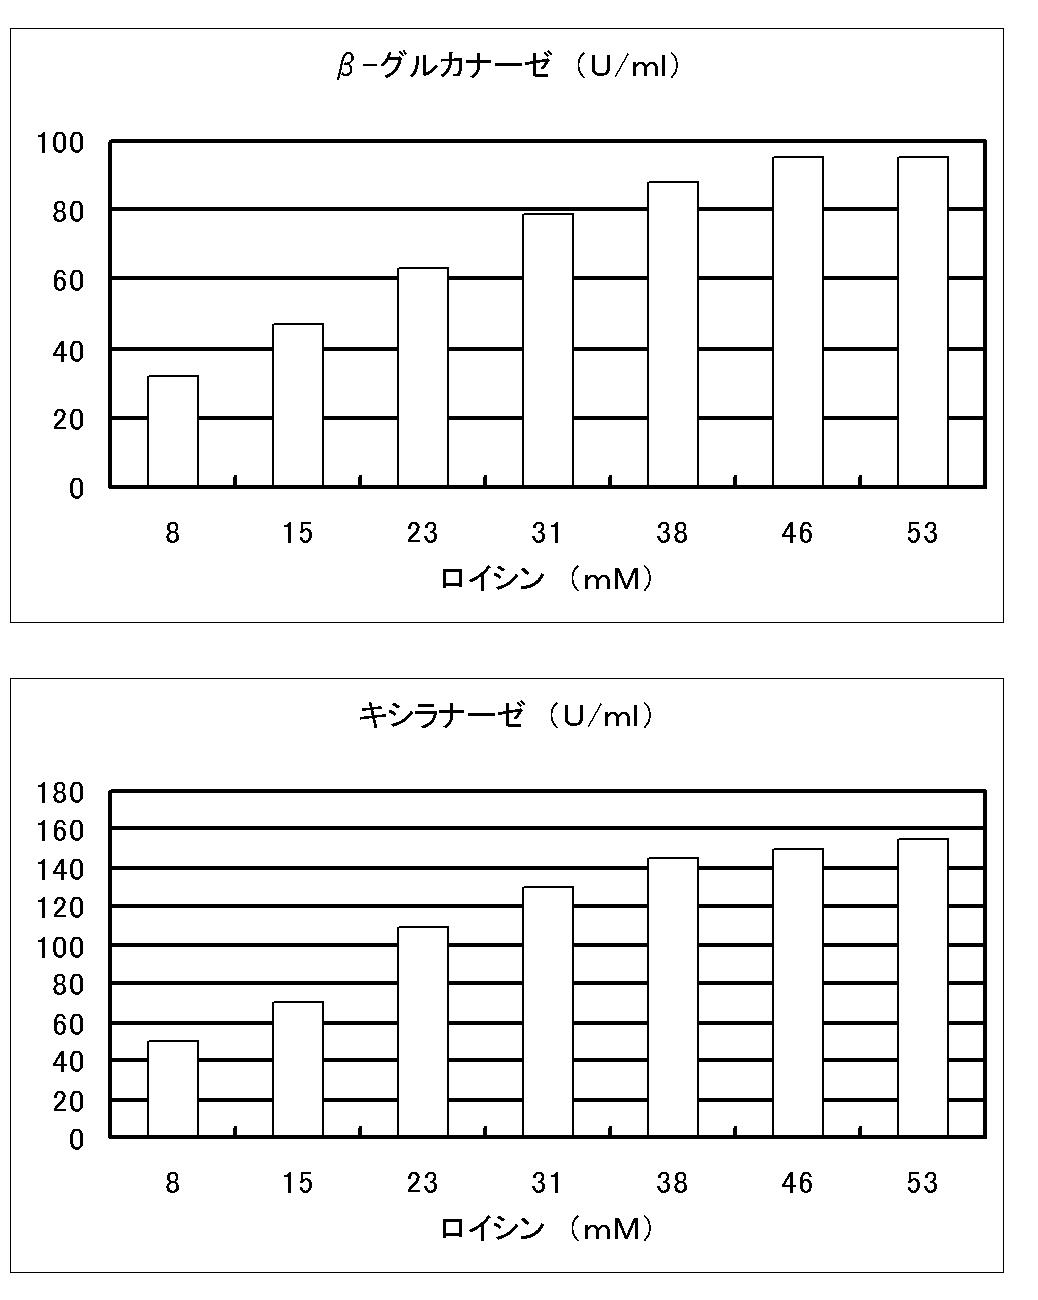 WO2011021612A1 - 小麦ふすまを用いたβ-グルカナーゼ及びキシラナーゼの製造方法及び液体培地         - Google PatentsFamily